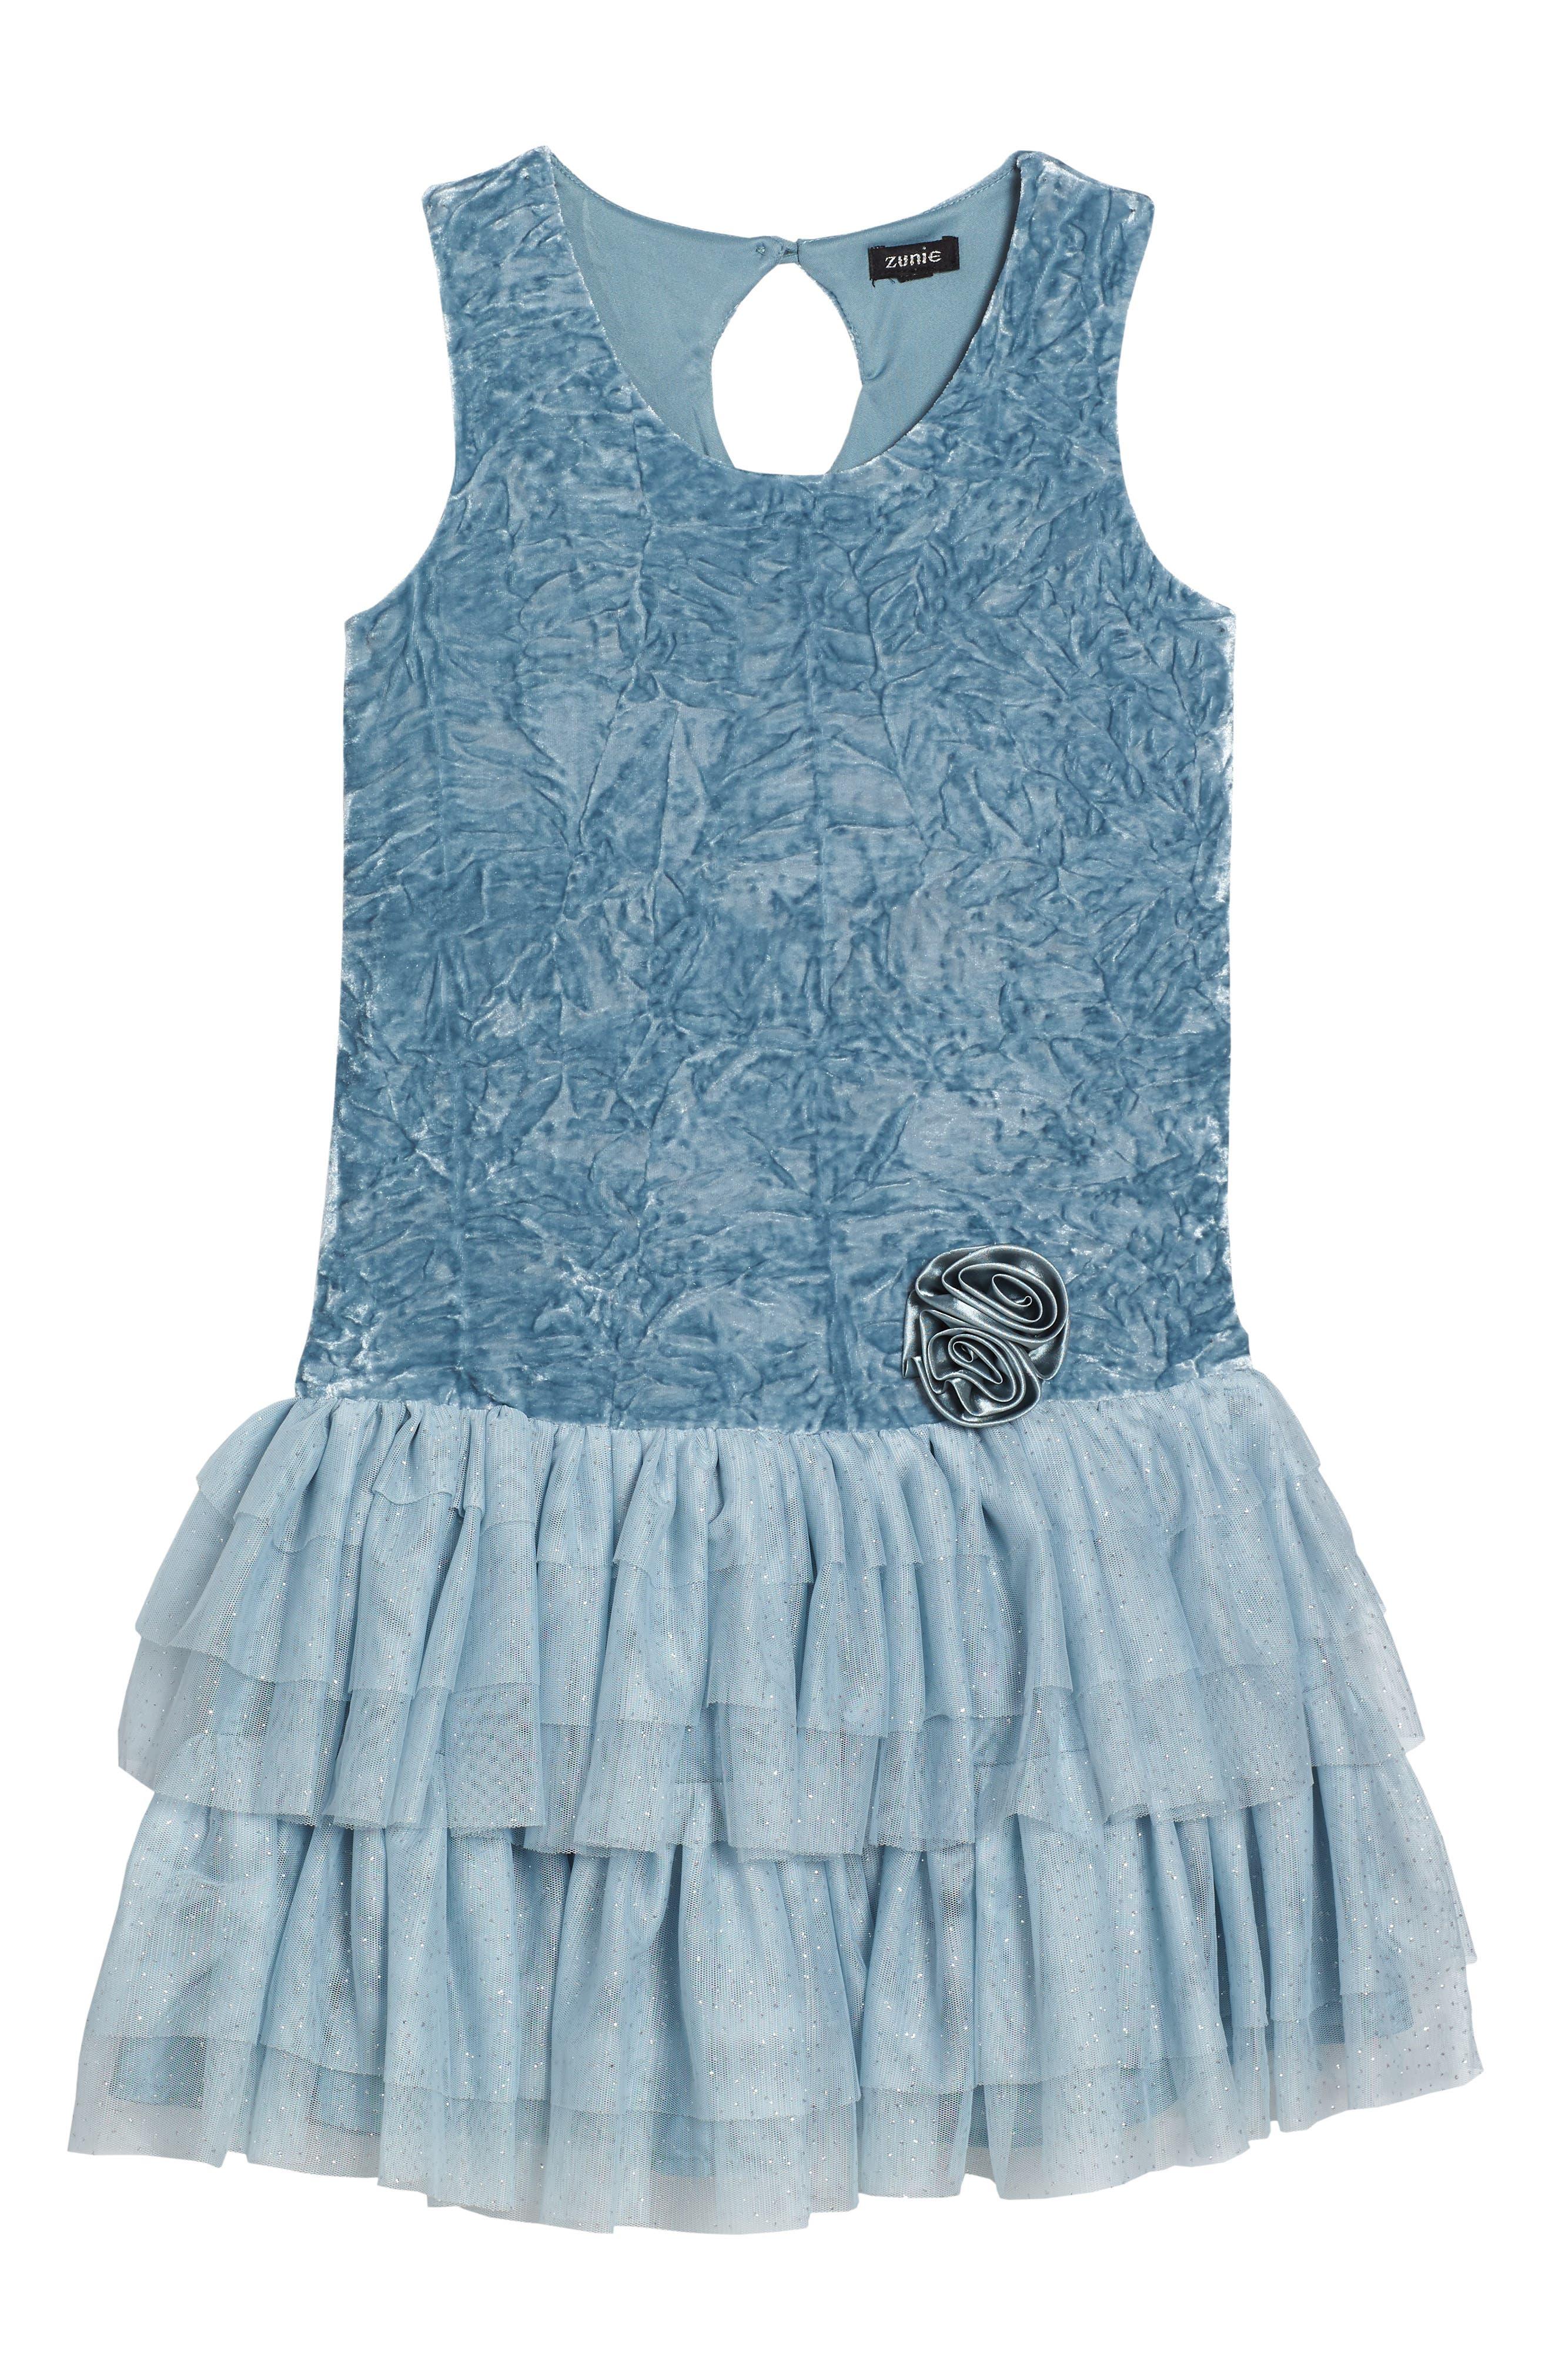 Zunie Crushed Velvet & Tulle Dress (Toddler Girls, Little Girls & Big Girls)